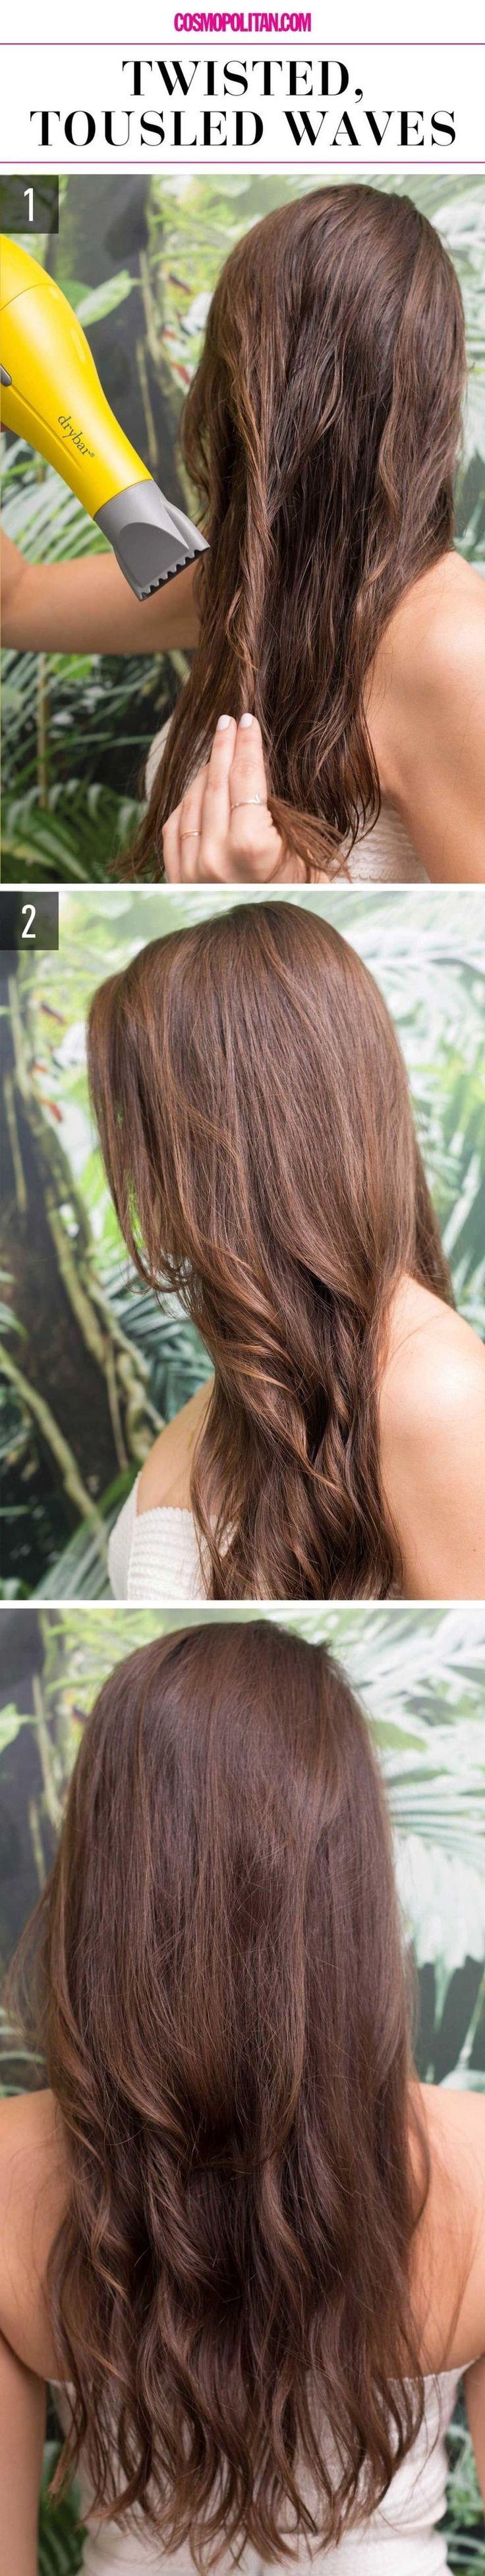 Voici les 21 meilleurs tutoriels de coiffure. J'espère que cela vous plaira.